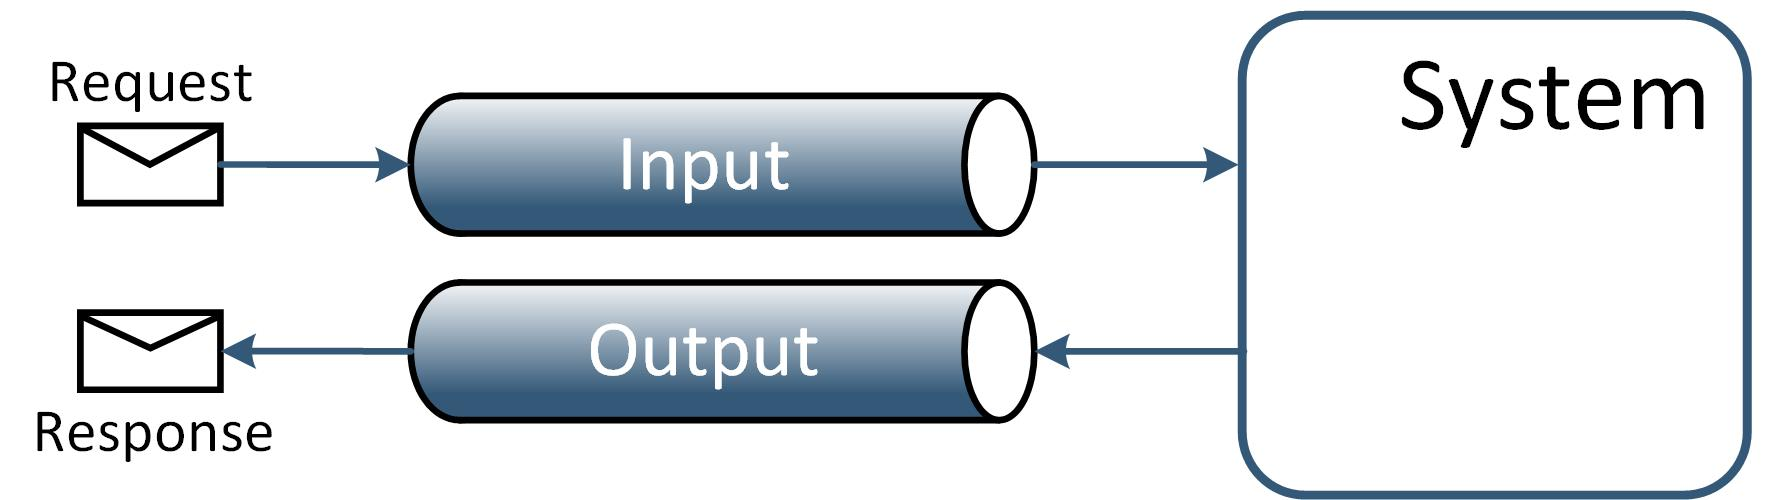 Опыт построения интеграционной платформы на базе ServiceMix (Camel) и RabbitMQ - 2